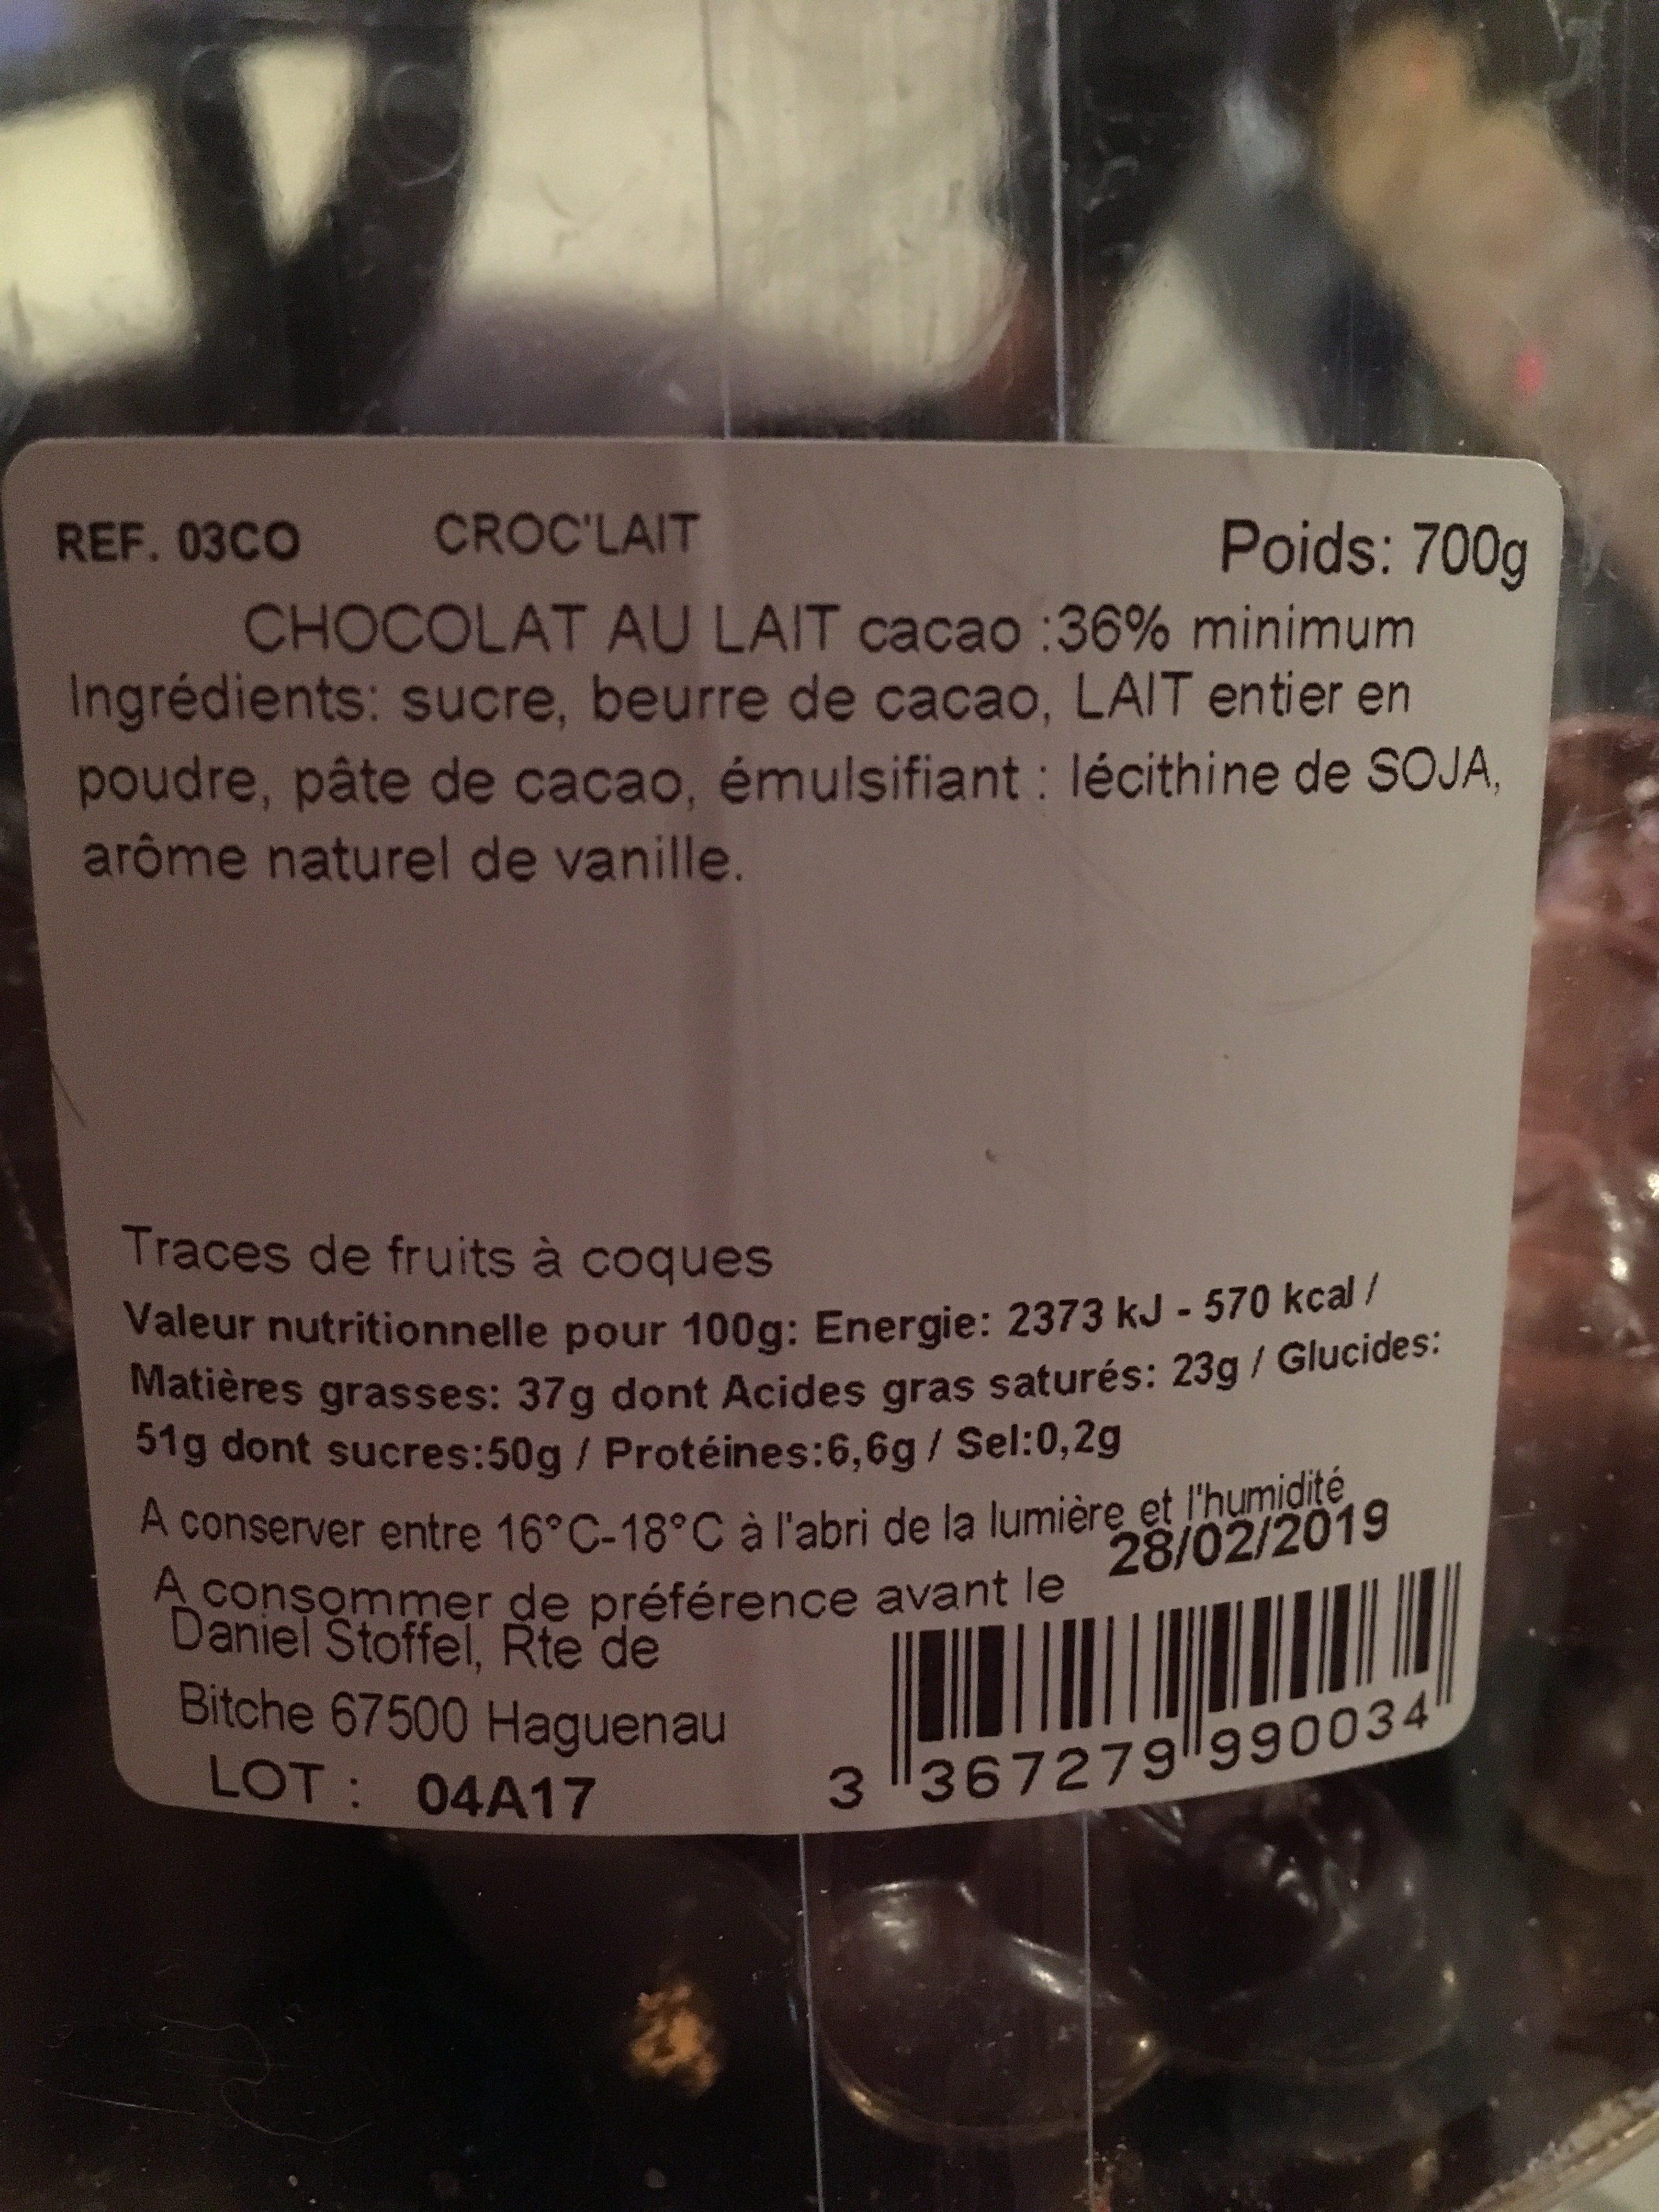 Croc'lait Noël 700gr - Ingrediënten